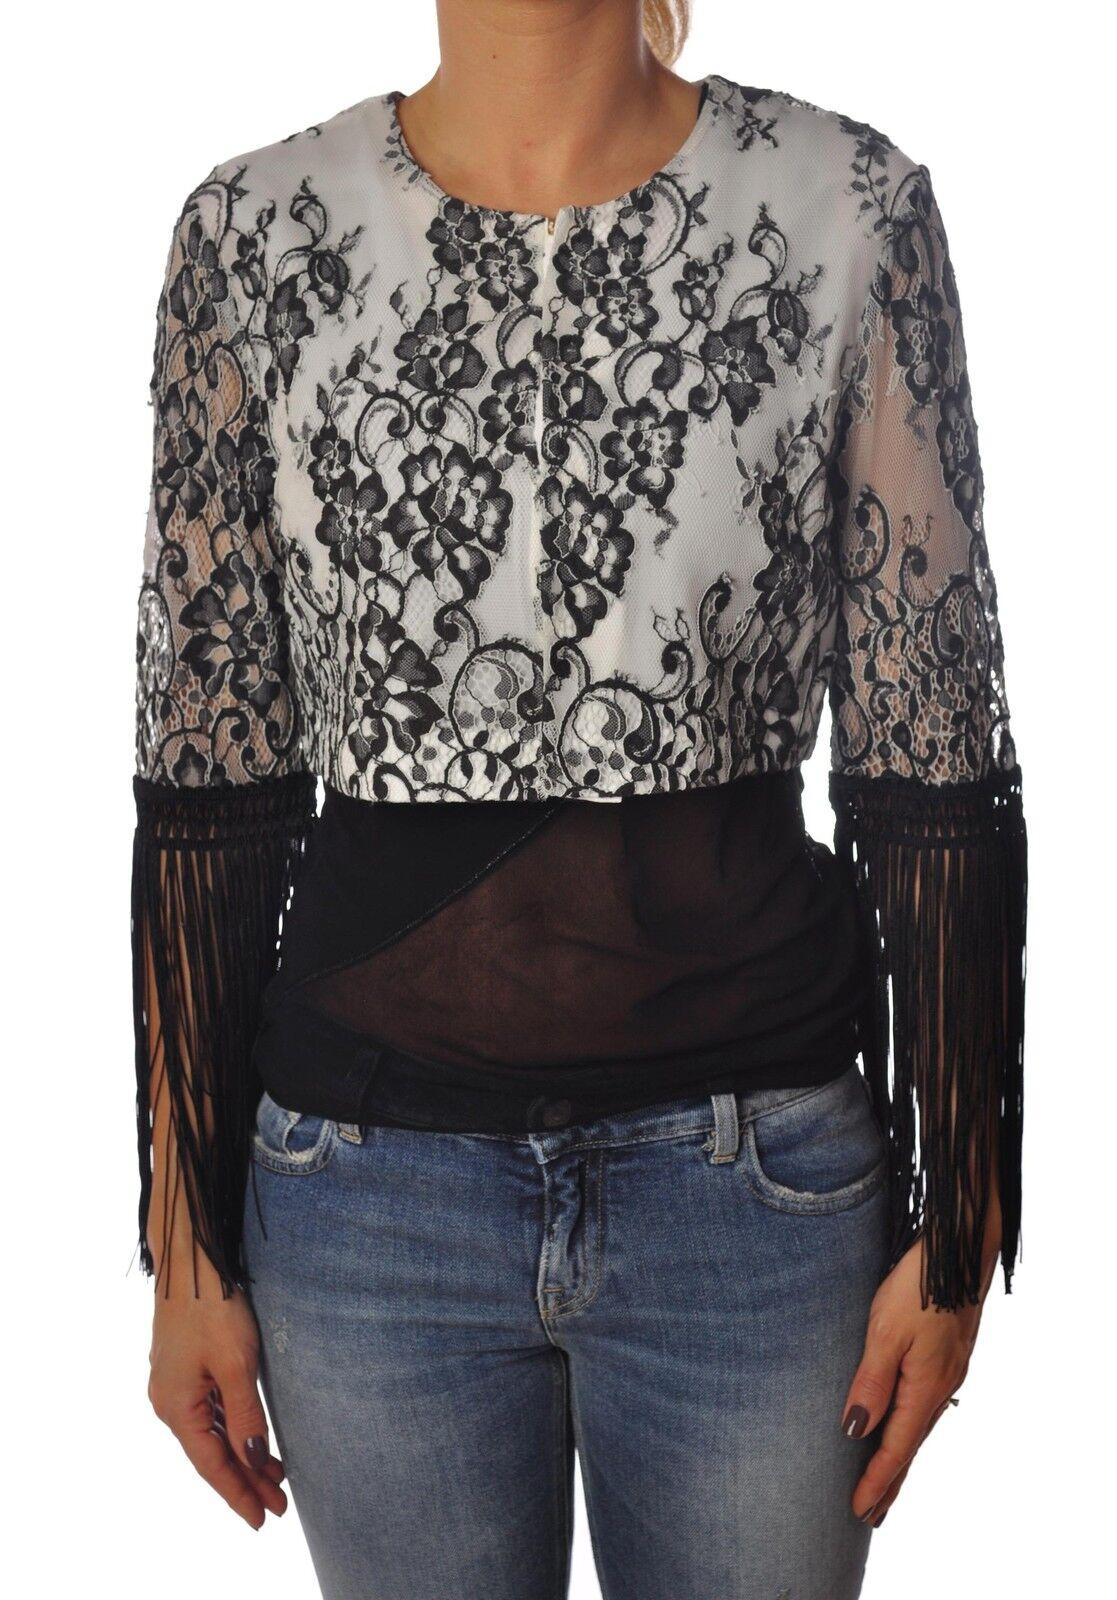 Patrizia Pepe   -  Chaquetas - Mujer - Negro - 3788829A184609  tienda de bajo costo